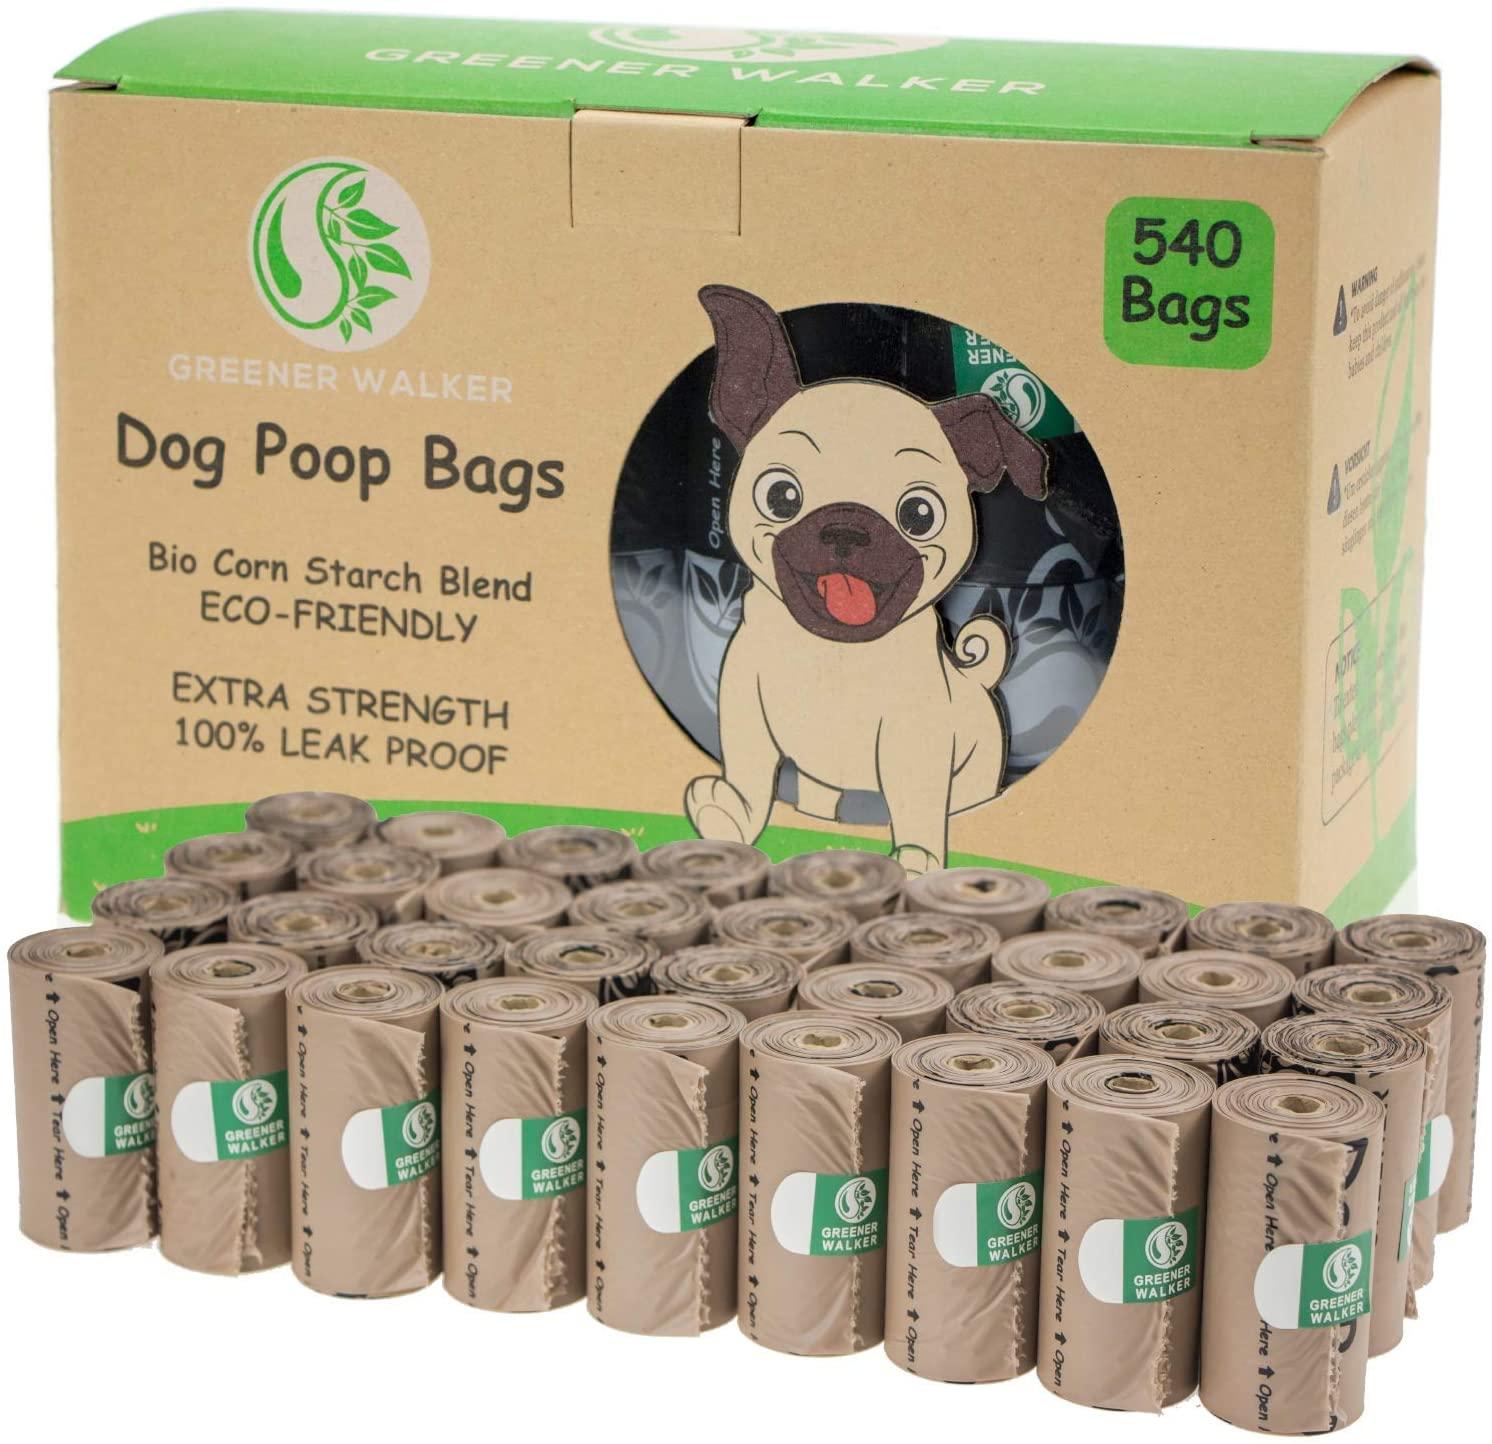 Greener Walker Cacca Sacchetti per bisogni dei Cani,540 unità,Extra Spessi,Forti e 100% Prova di perdite,biodegradabili étanches Sacchetti per Cani(Marrone)